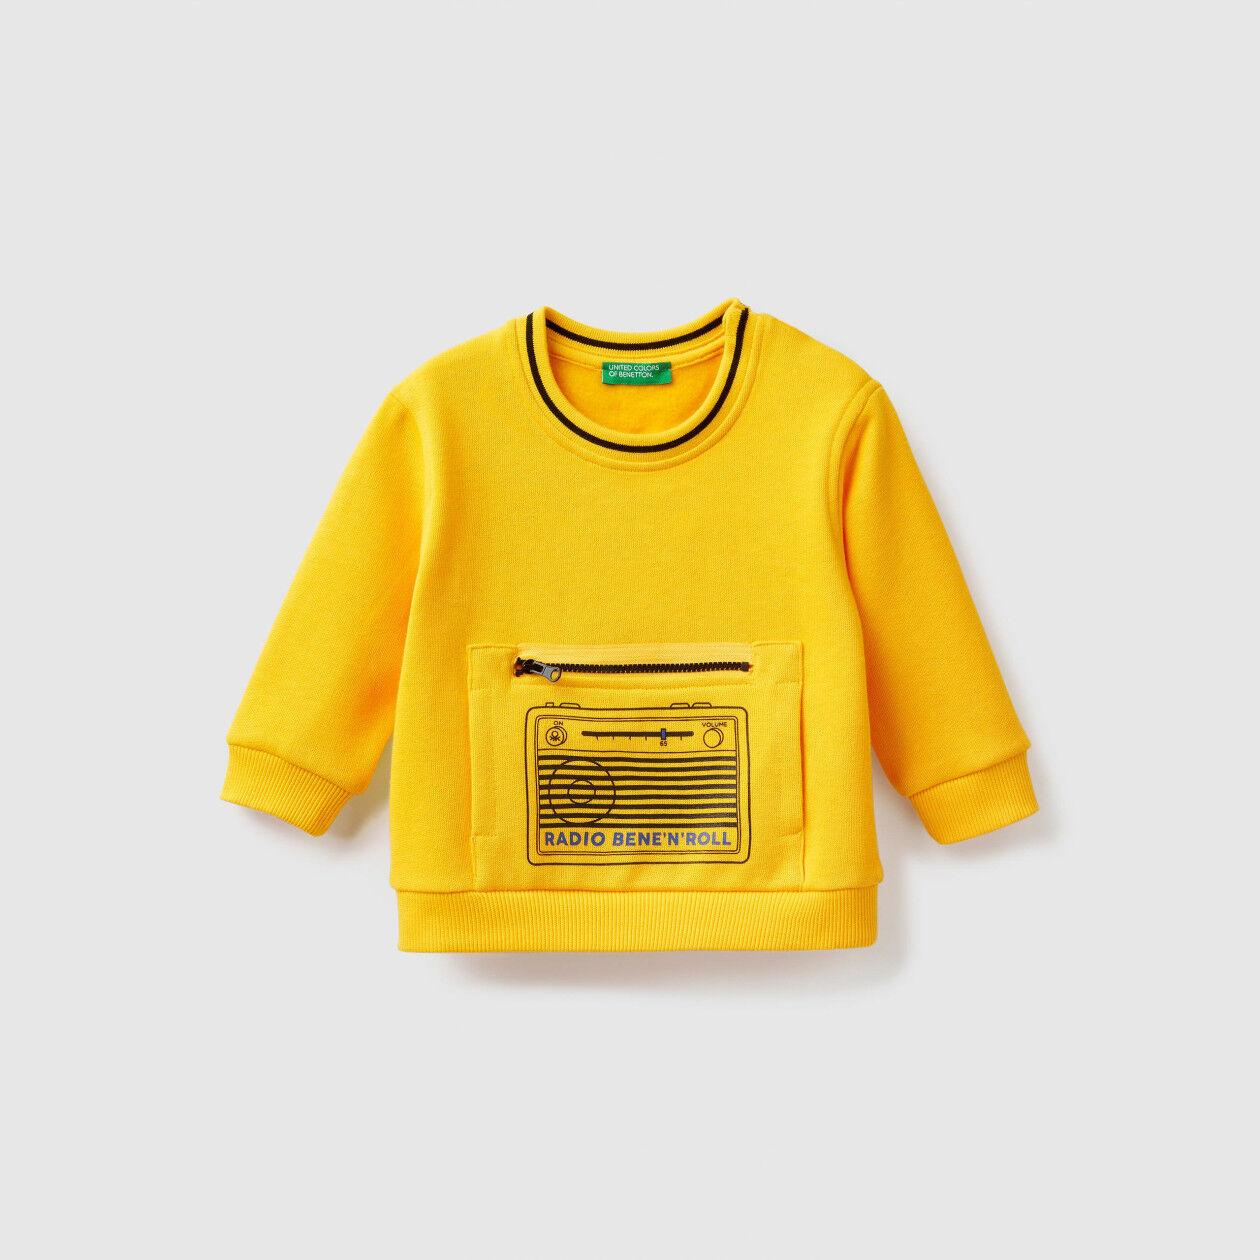 Sweatshirt with zipped kangaroo pocket